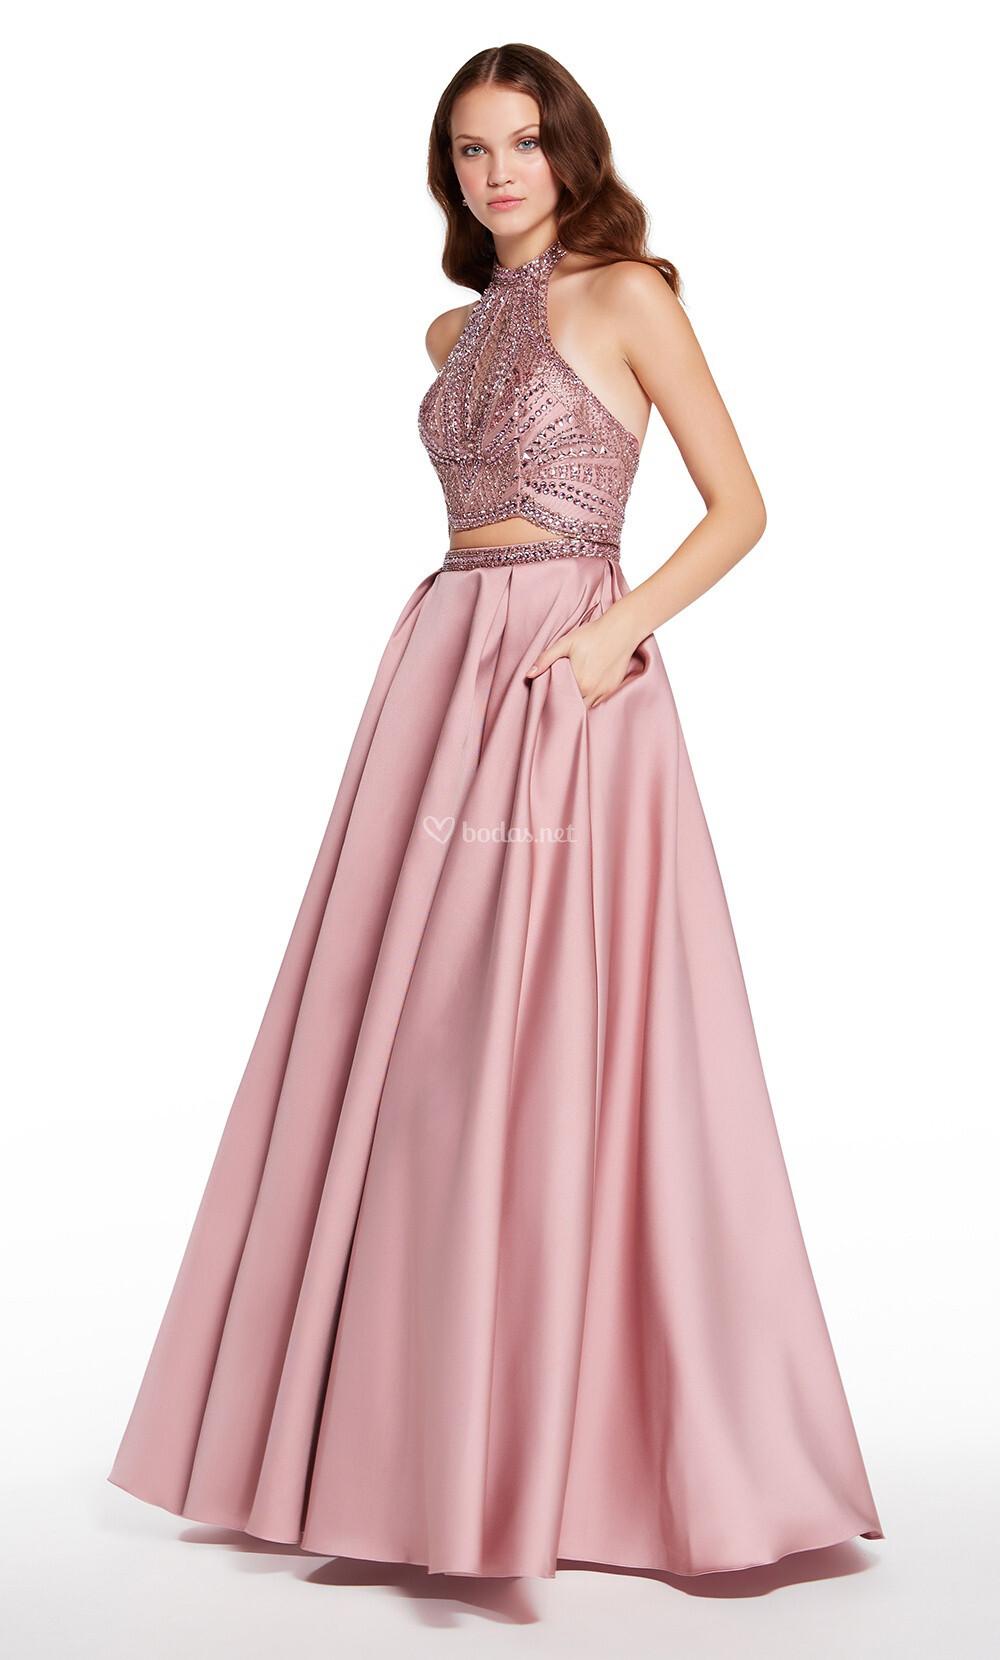 Vestido de Fiesta de Alyce Paris - 60223